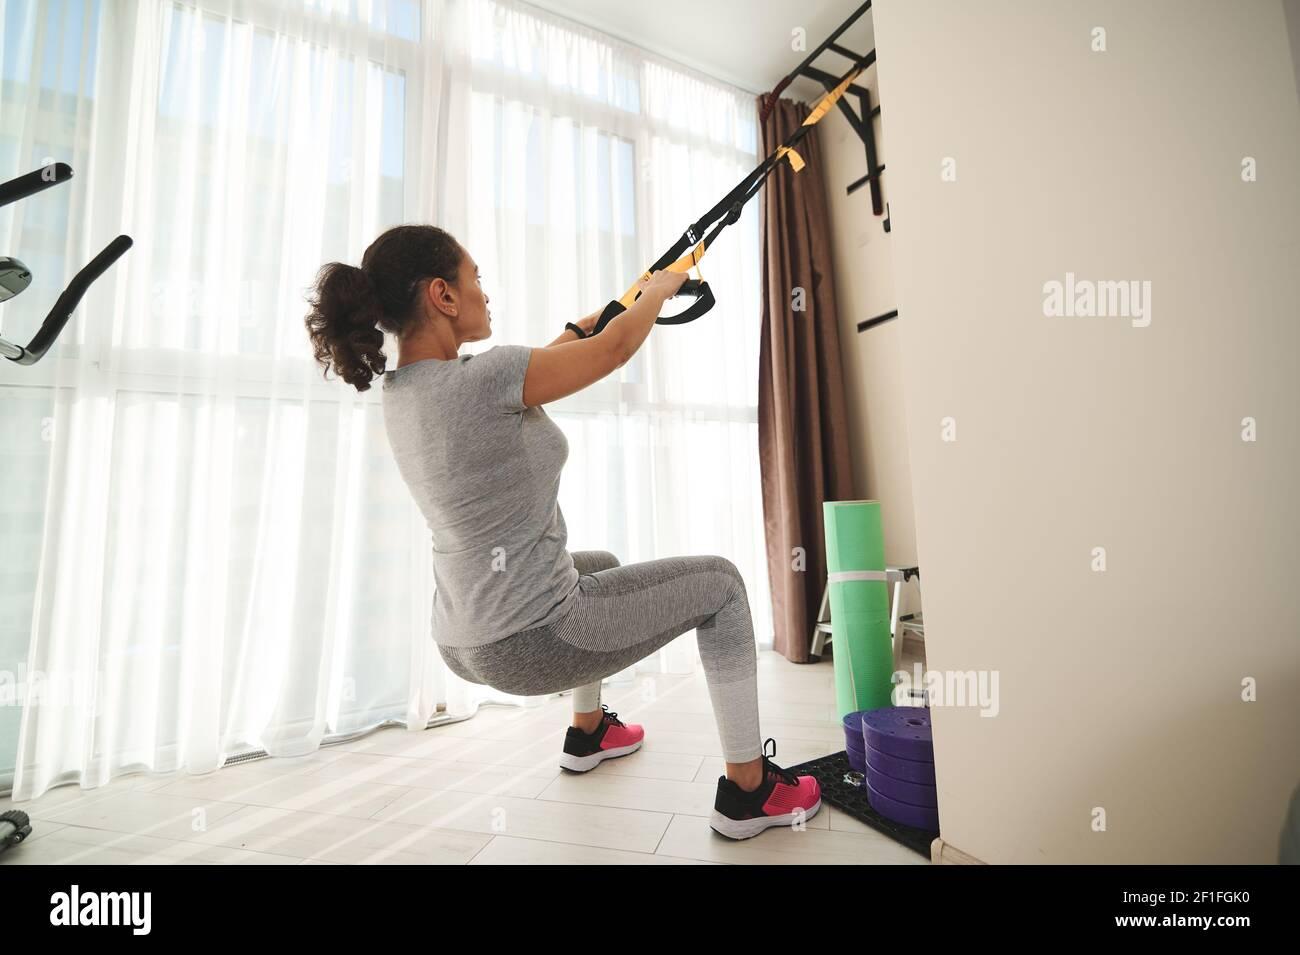 Una chica deportiva realizando entrenamiento en suspensión con correas de fitness en casa. Ajuste la mujer entrenando los músculos de las piernas. Concepto de estilo de vida saludable y adelgazamiento wo Foto de stock